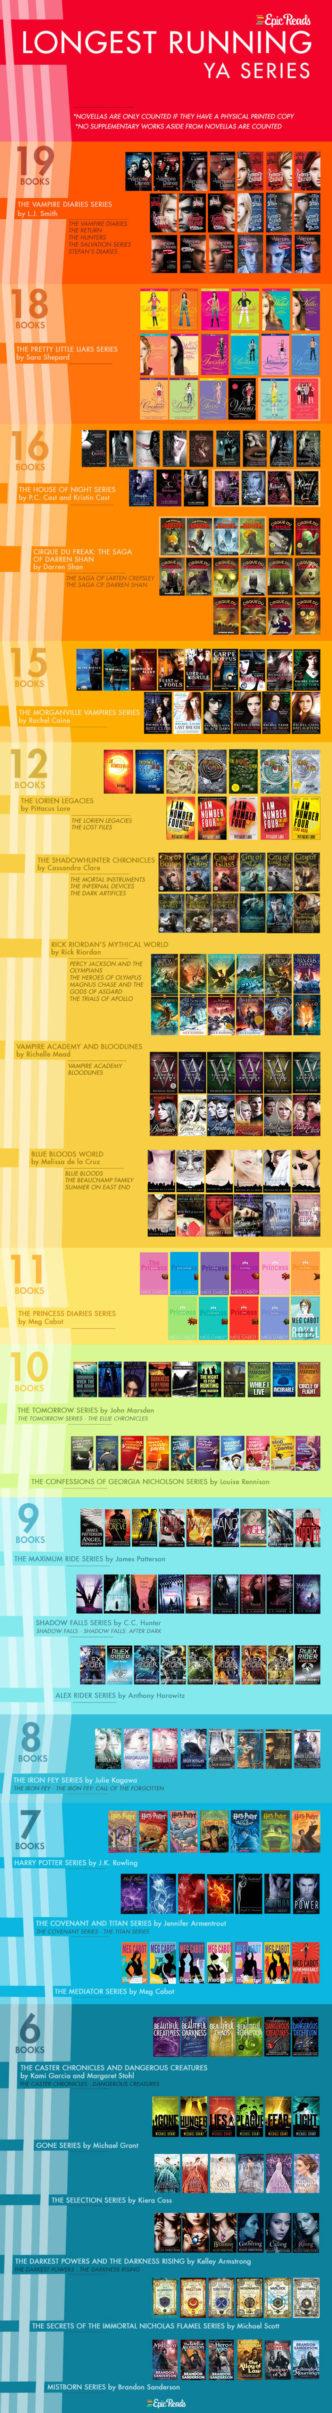 The longest running YA series #infographic